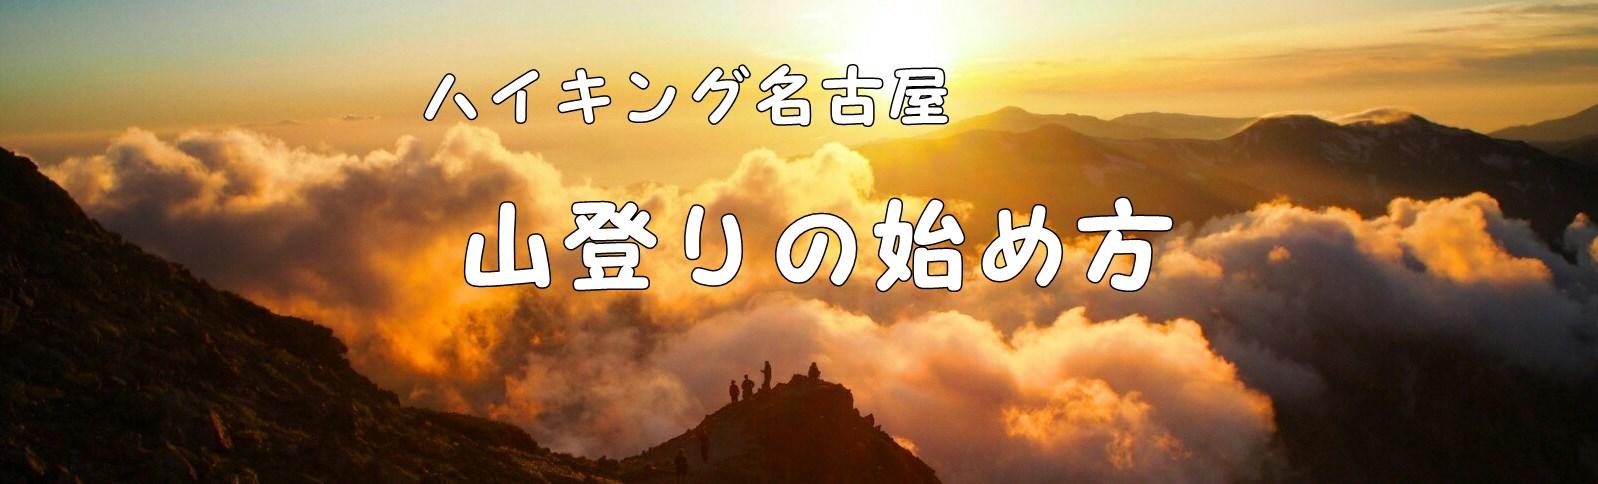 ハイキング名古屋